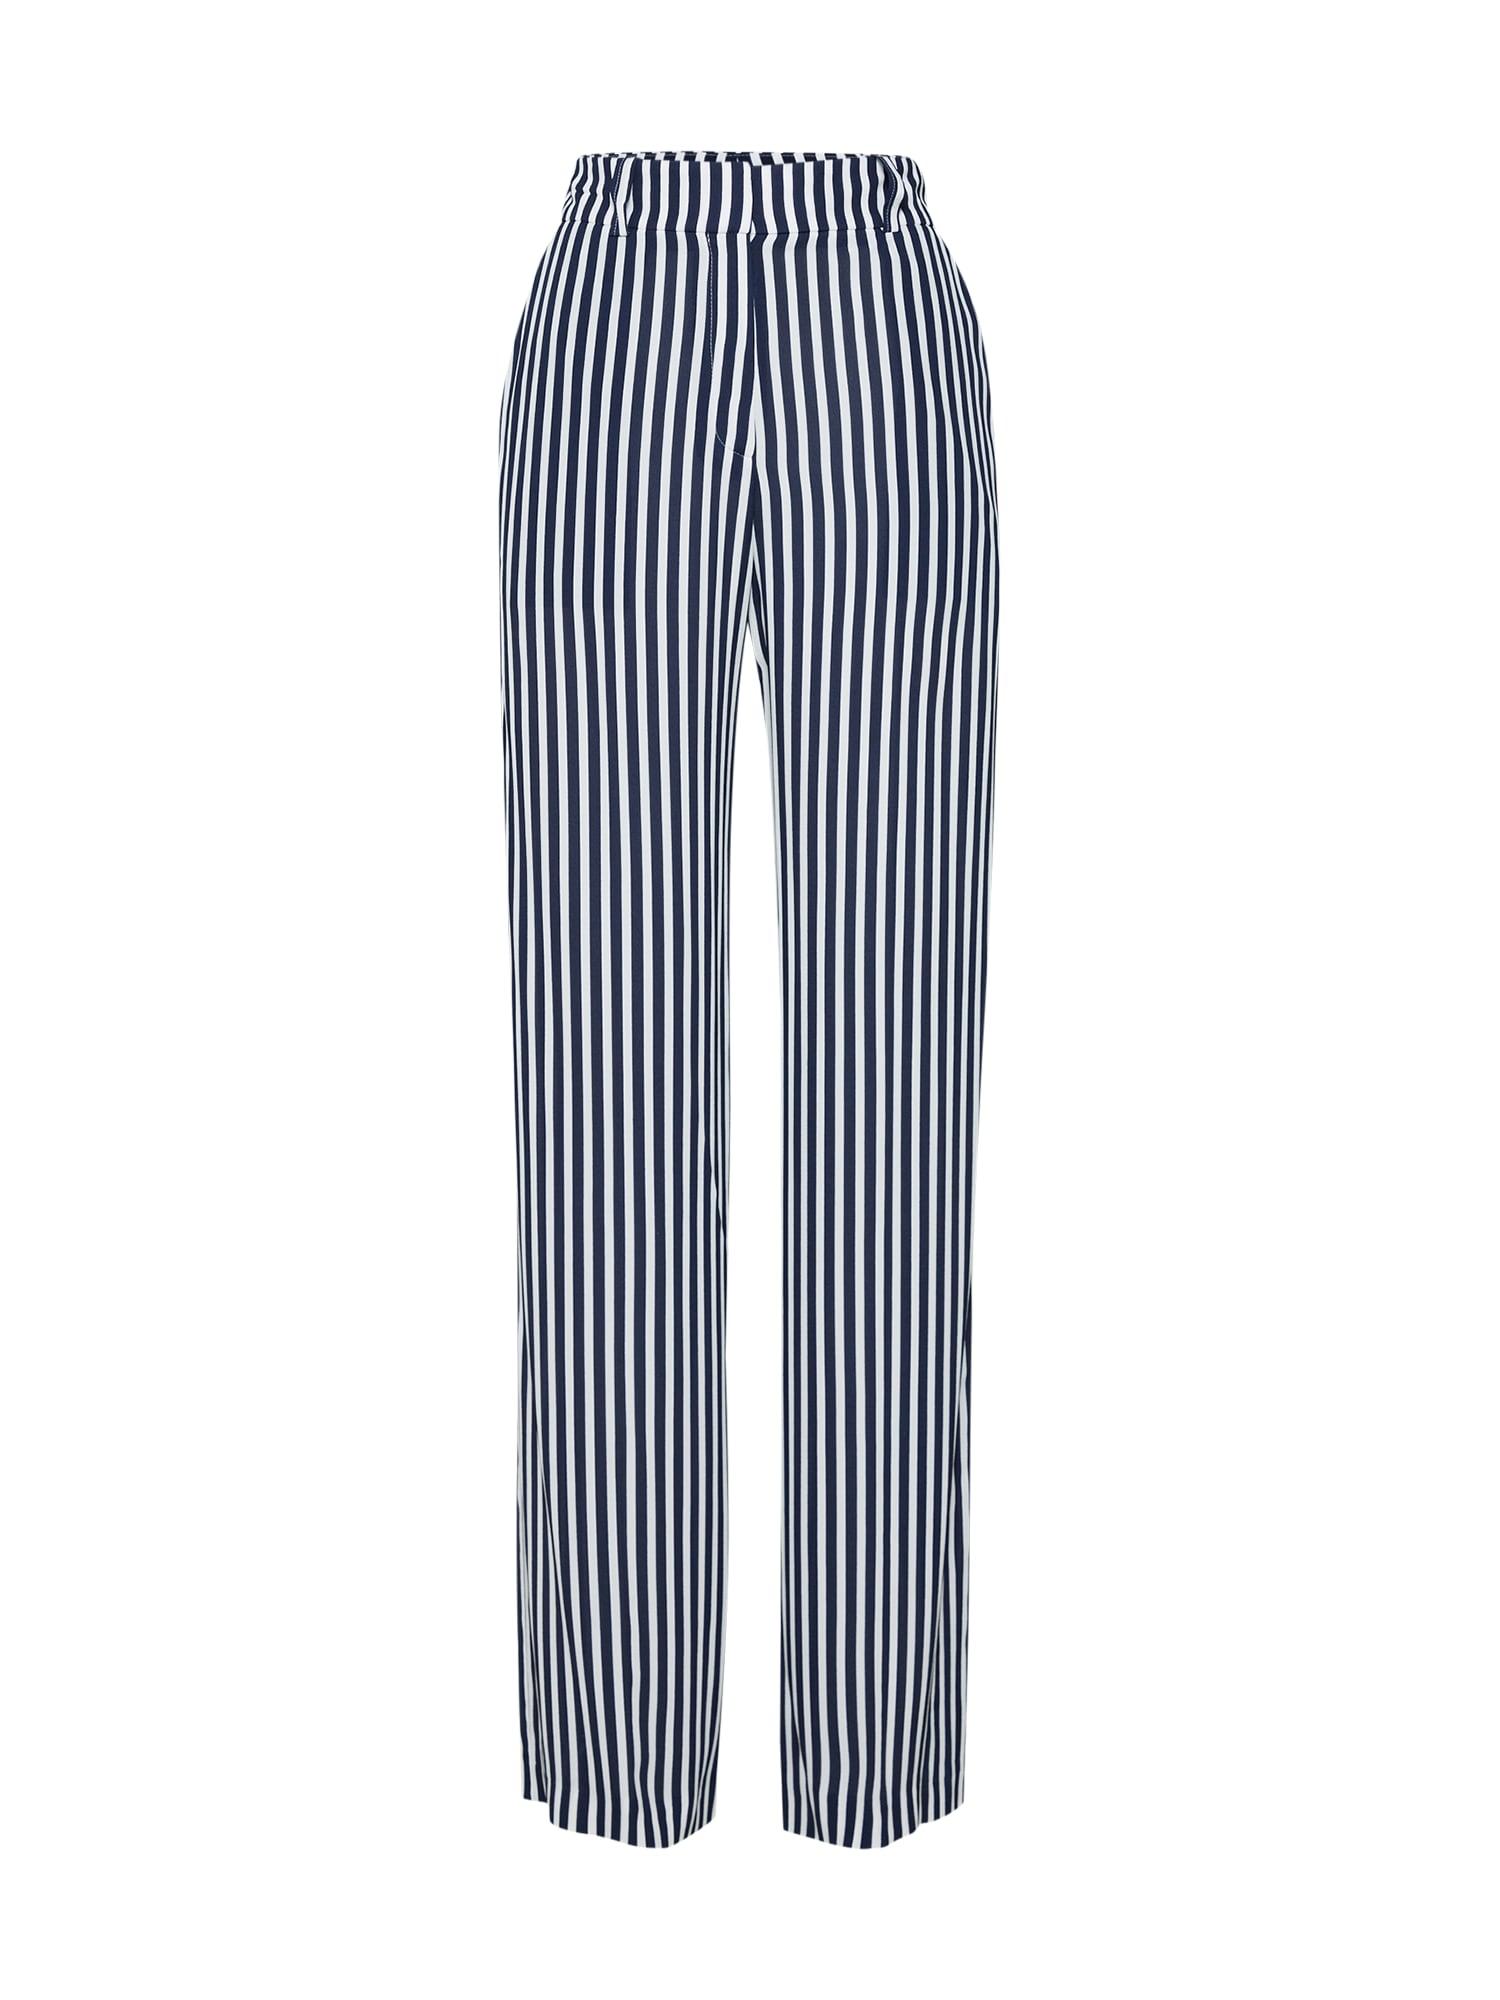 Kalhoty Hatessi námořnická modř bílá HUGO